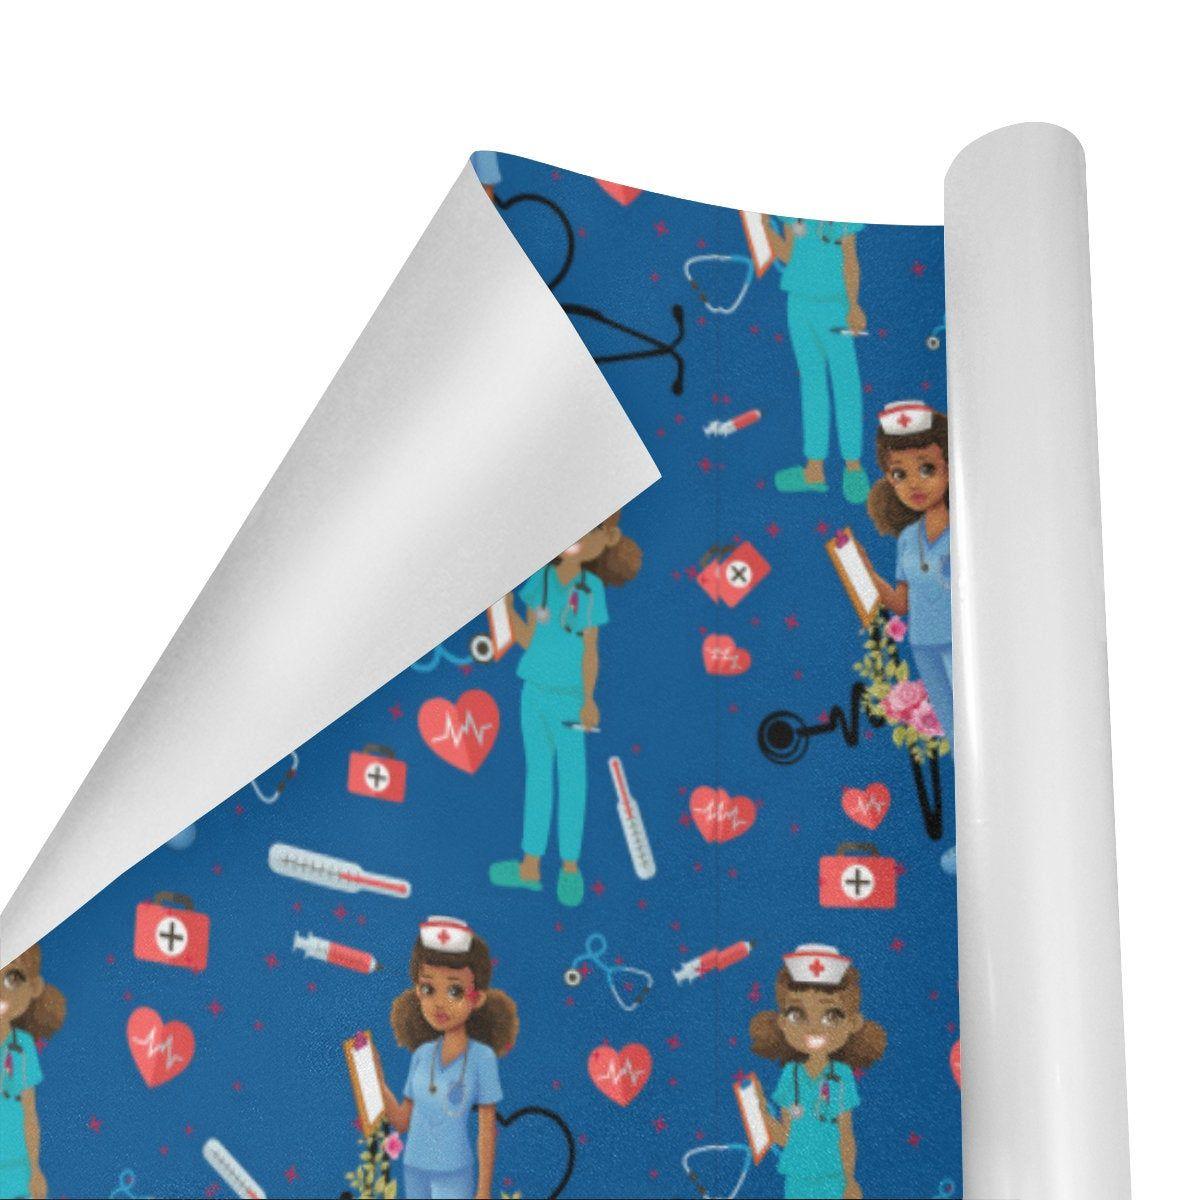 Noa Raviv Graduate Collection Weird fashion, Conceptual